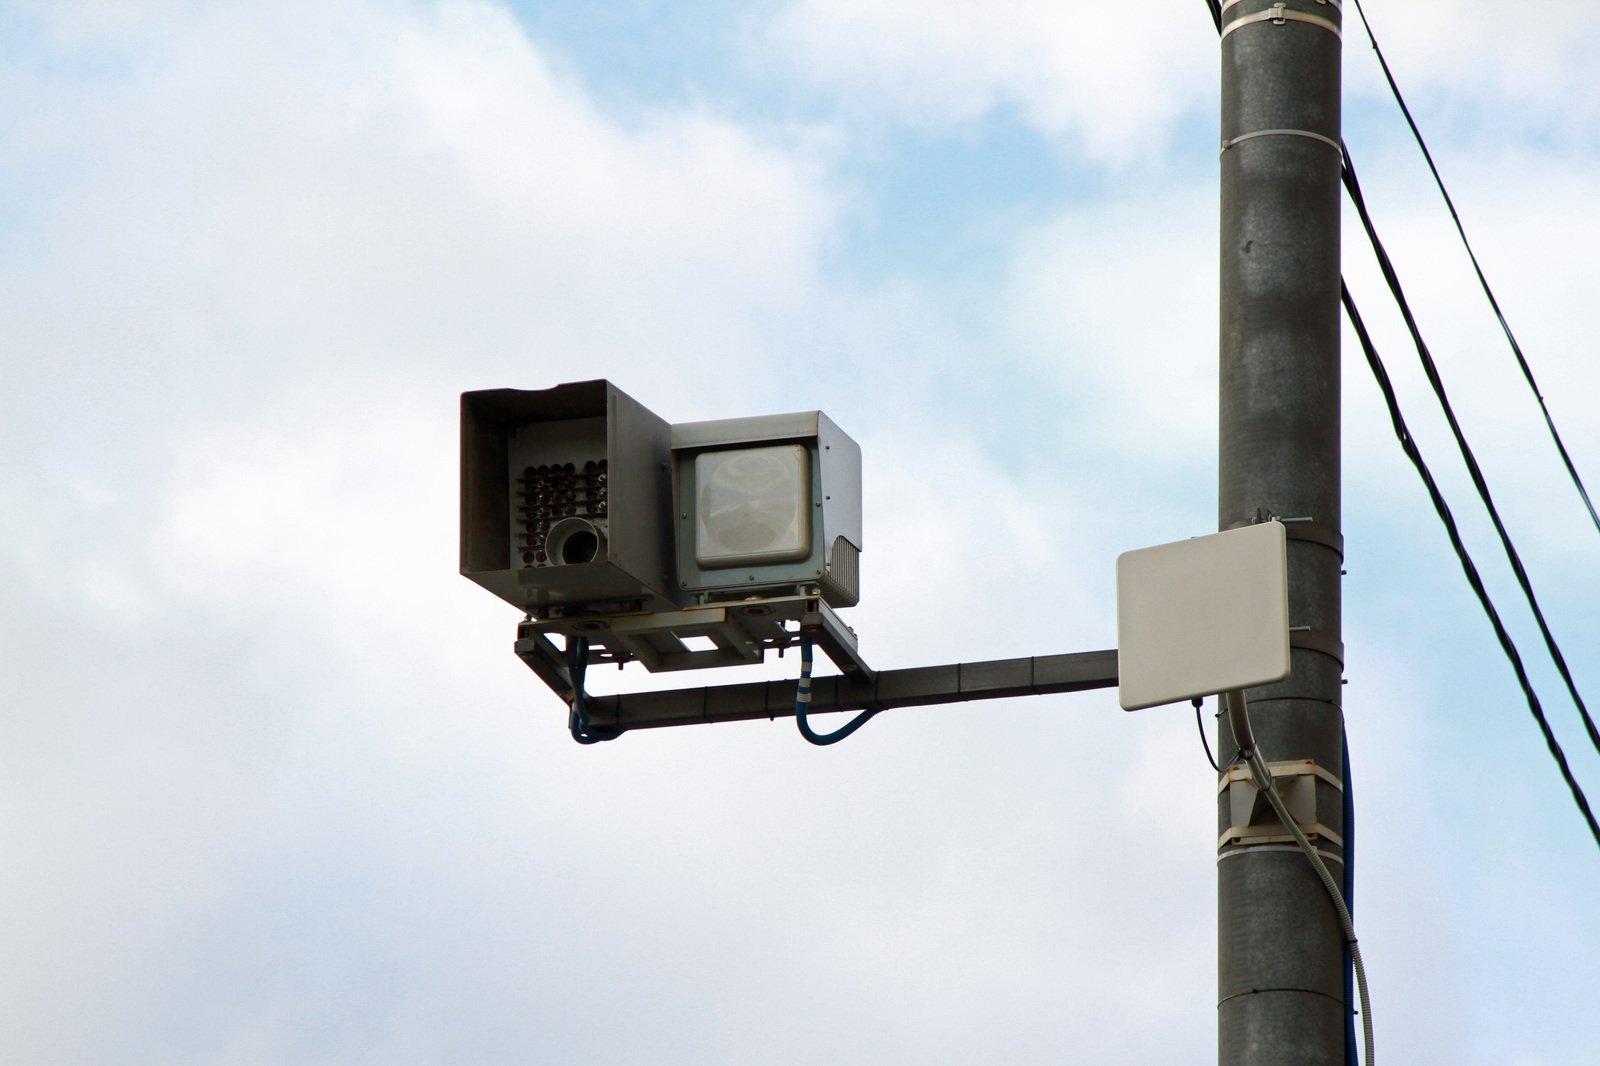 Камер фото- и видеофиксации в Москве станет больше